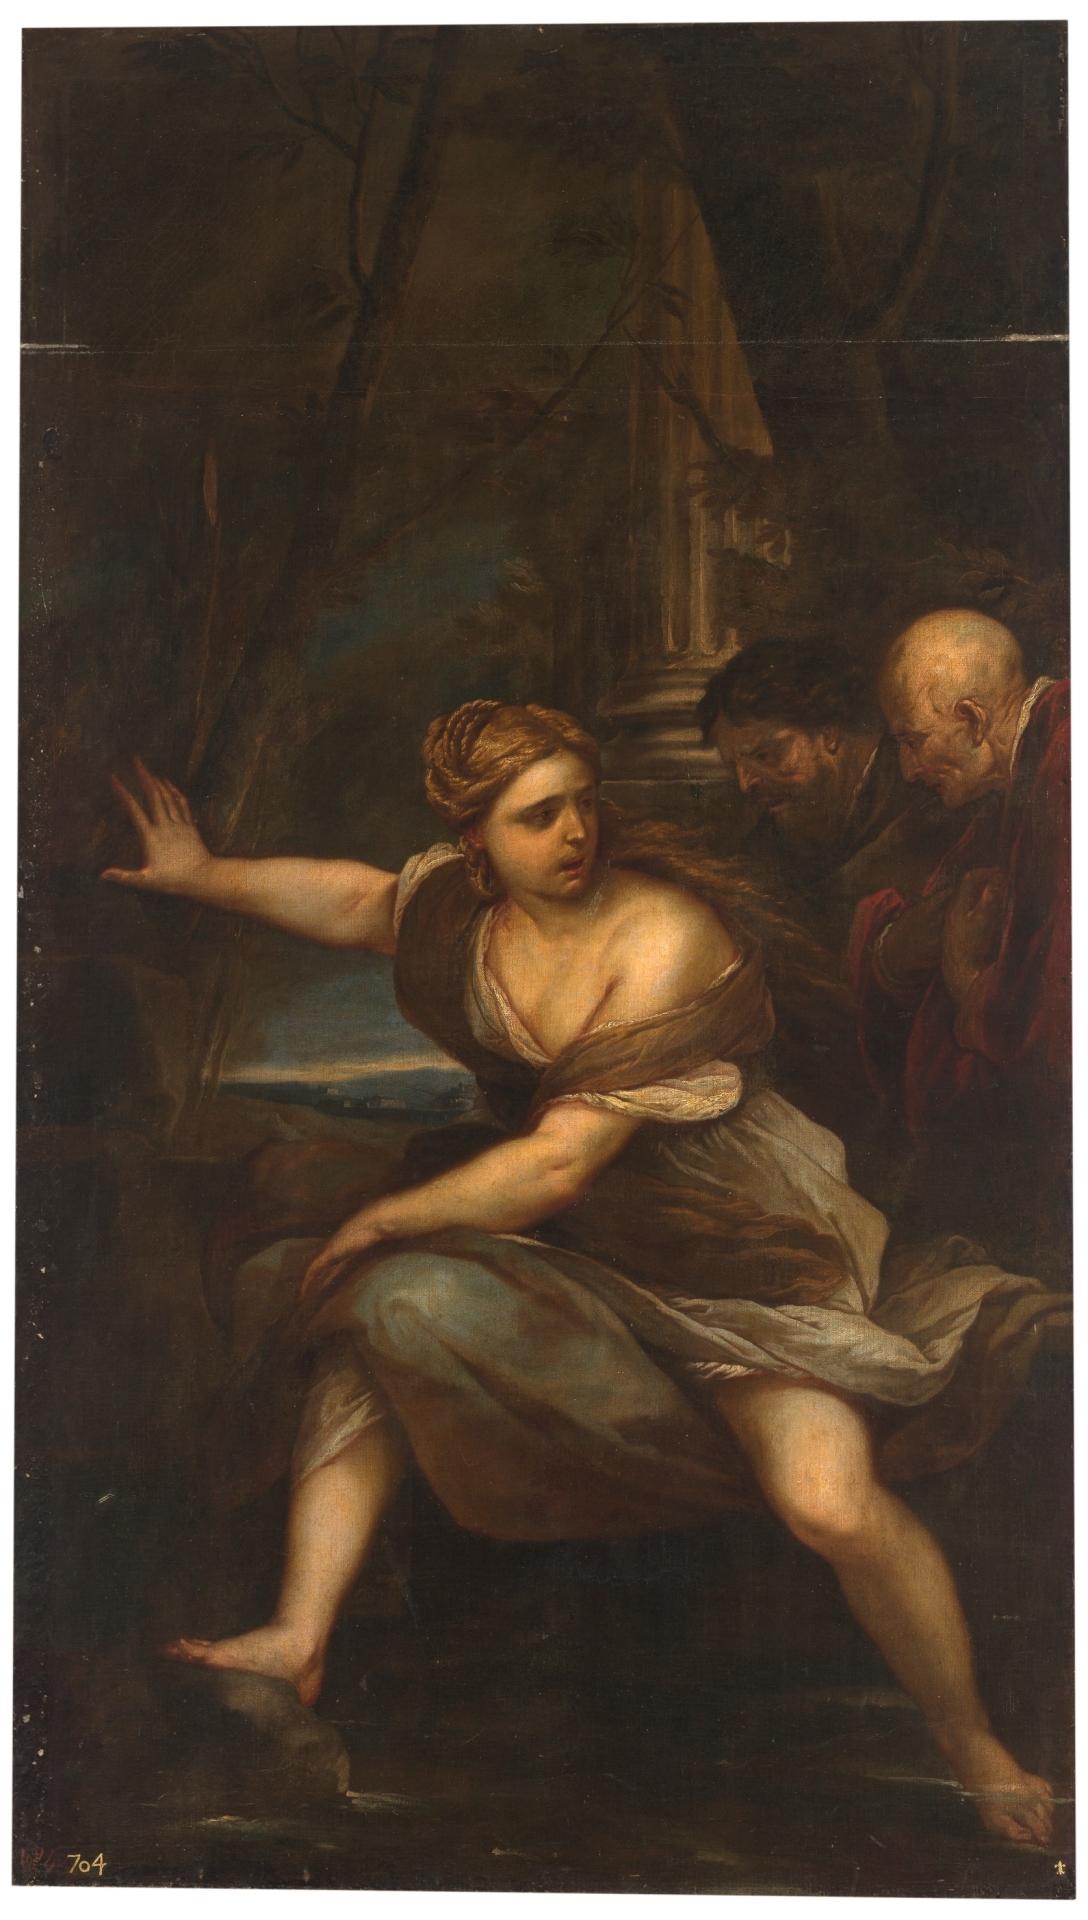 Luca Giordano Y Pintores Napolitanos Museo Nacional Del Prado